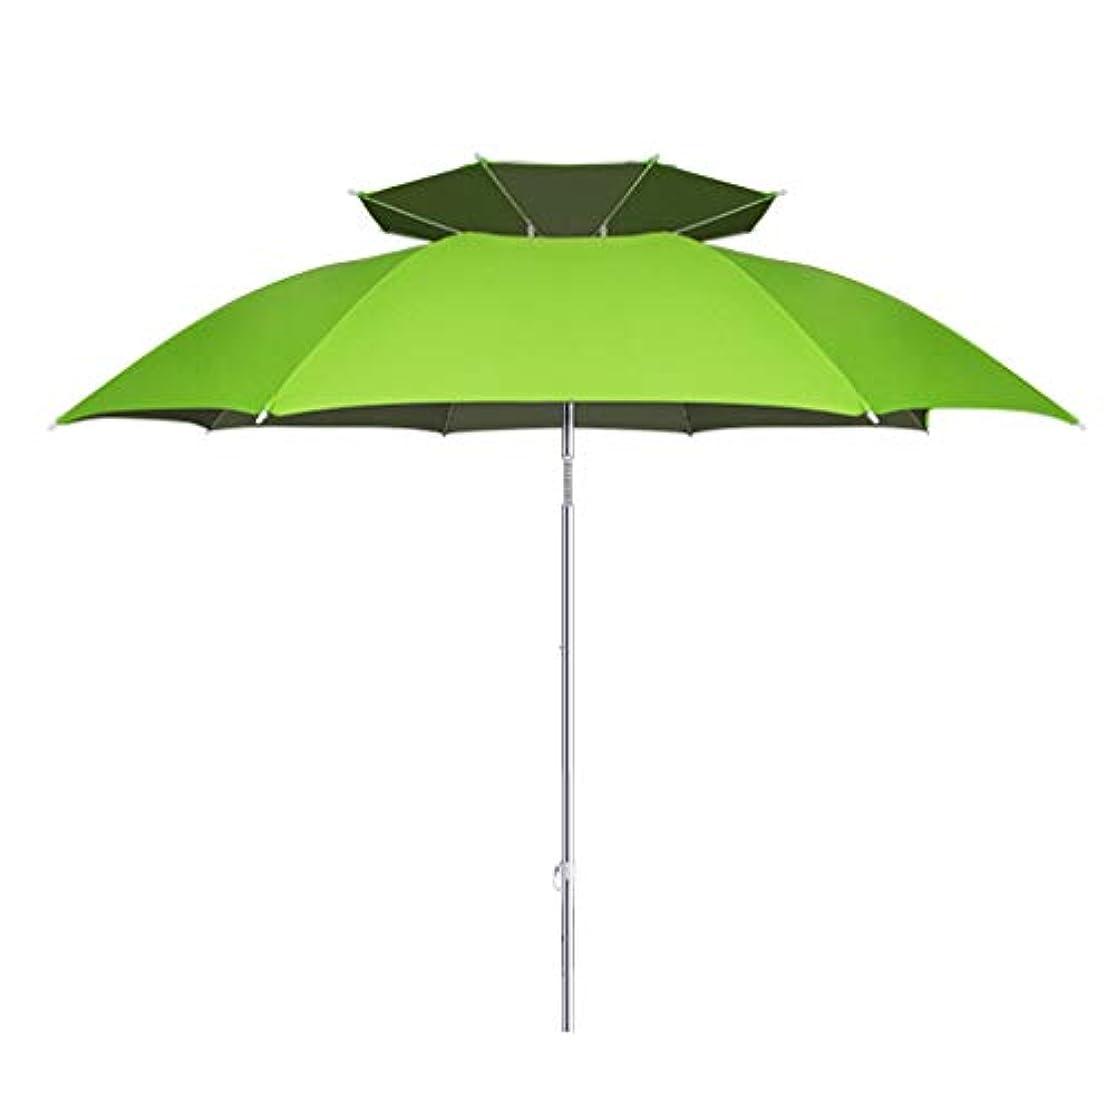 農業の歴史的脅威日傘アルミ合金シルバーガム布日焼け止め雨折りたたみ傘屋外サンシェード傘 (Size : H2.1m)